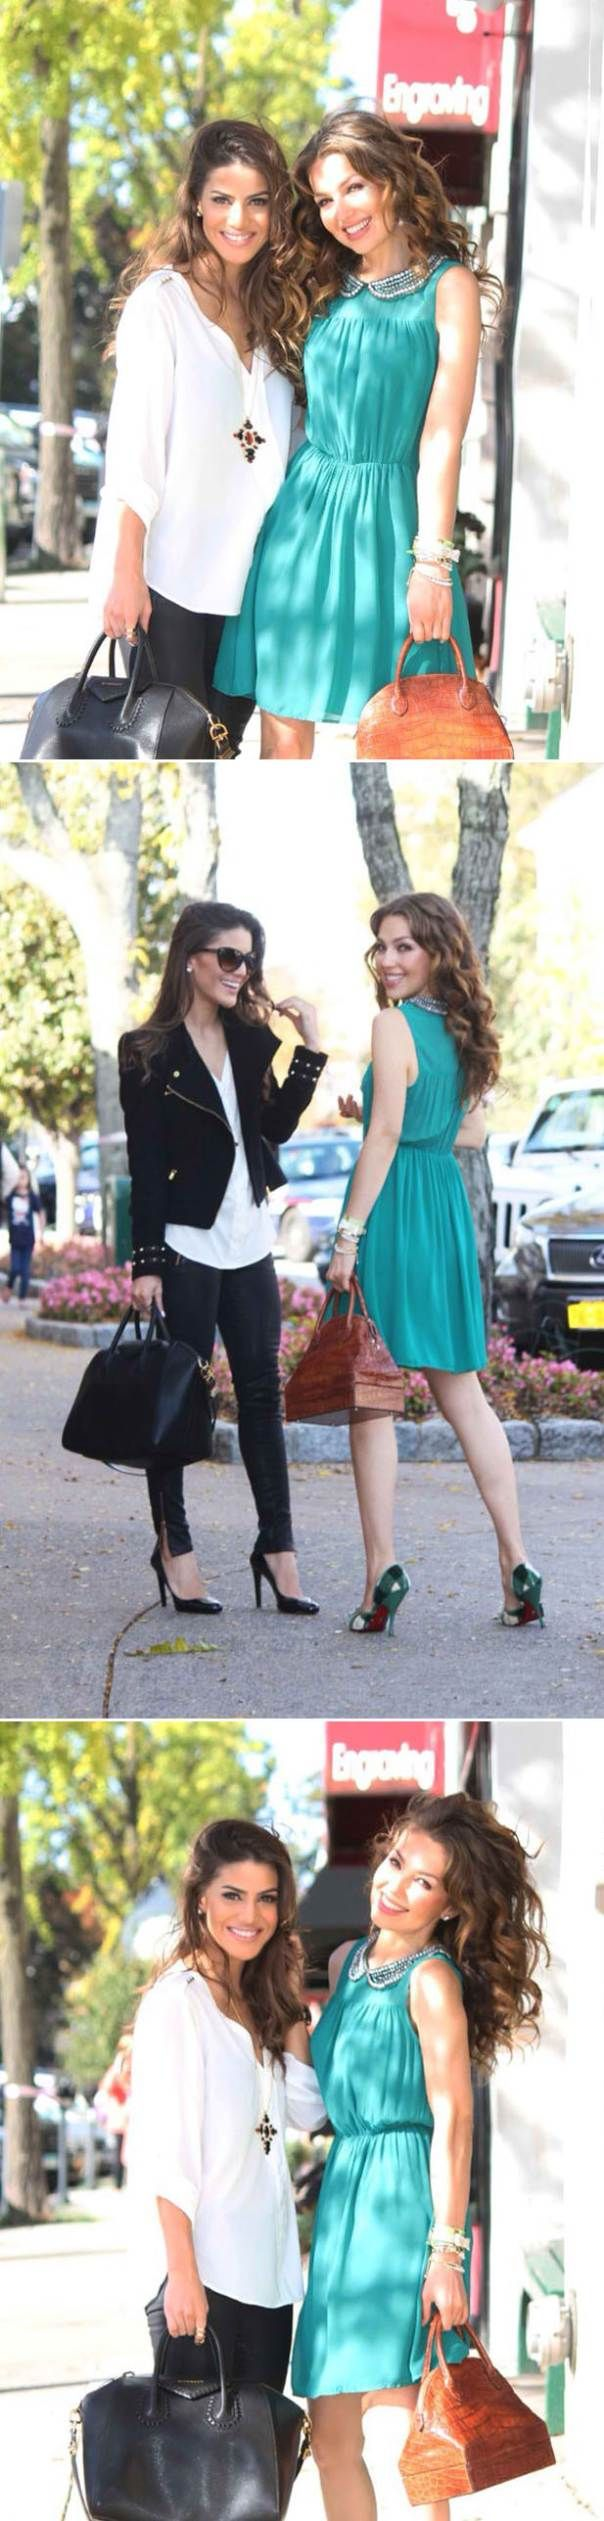 Camila Coelho & Thalia